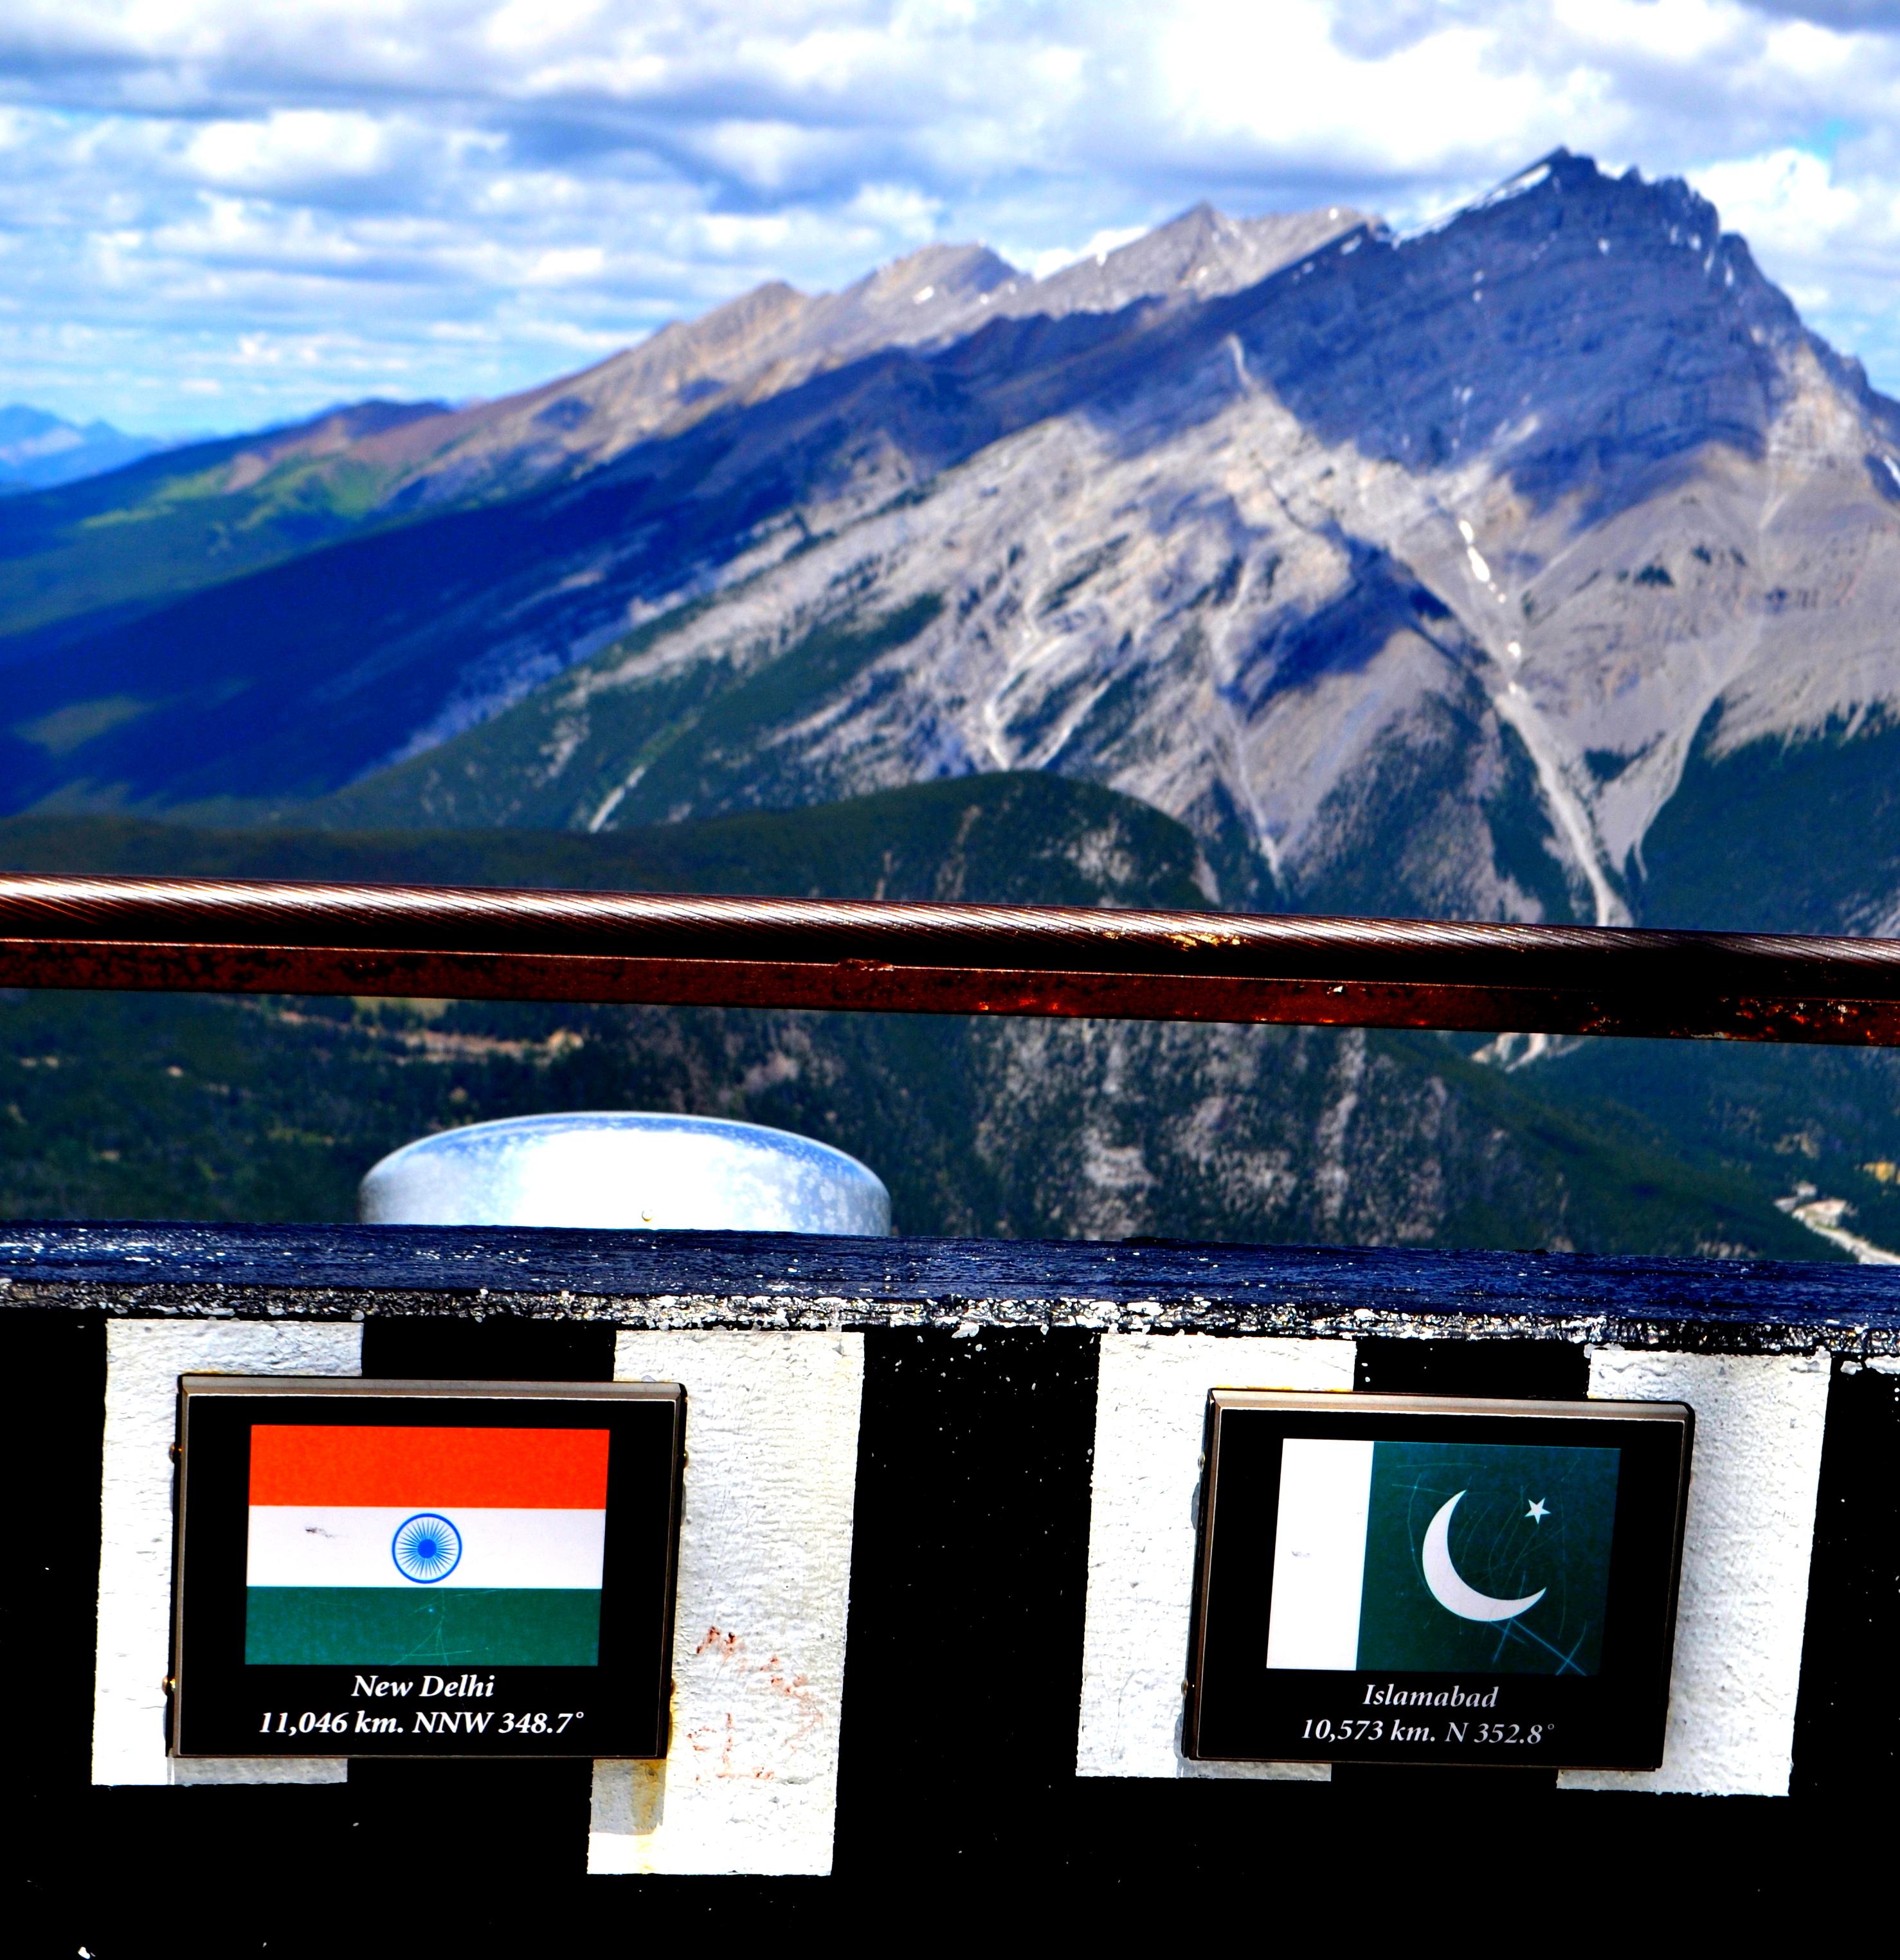 """'भाकरिया डुंगरिया रे, थारे-म्हारे बीच मै'...""""जीरो लाइन एक पाक-भारत प्रेम कहानी"""", भाग २। तस्वीर: सचिन जैन।"""